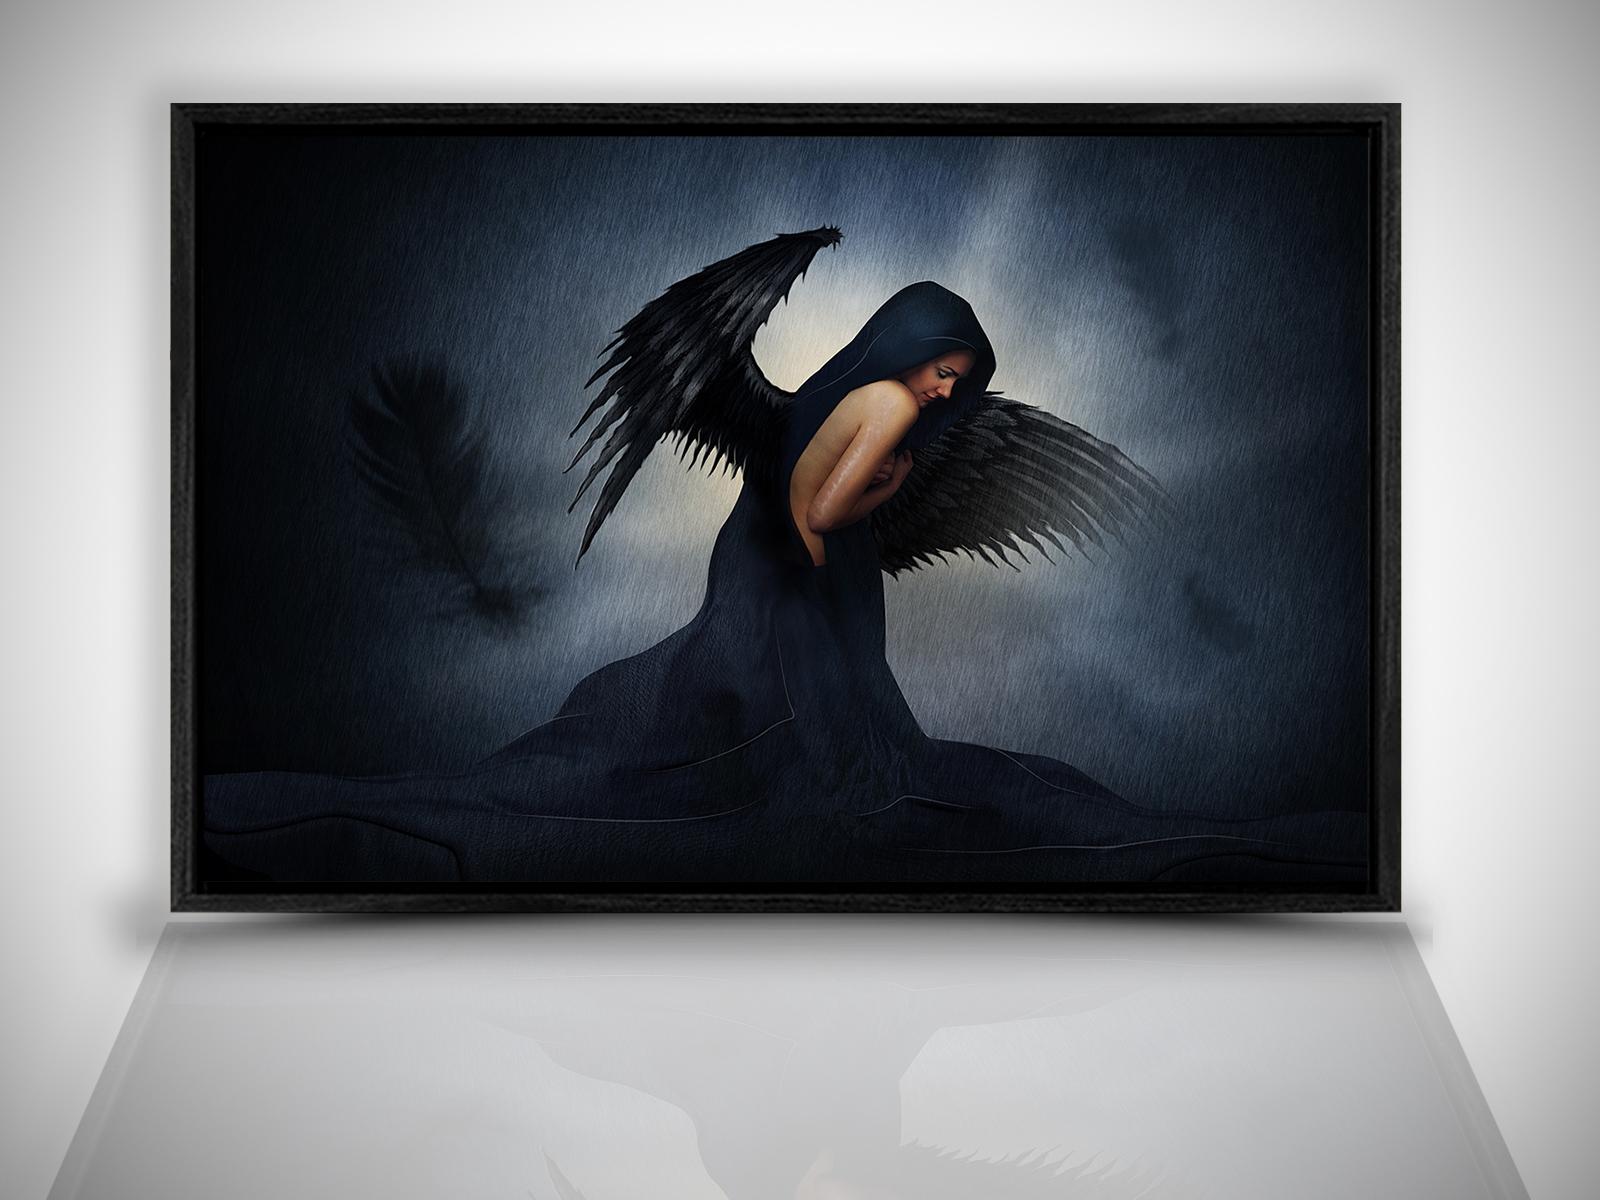 Deko-Bilder & -Drucke mit Rahmen und Engel-Motiv günstig kaufen | eBay